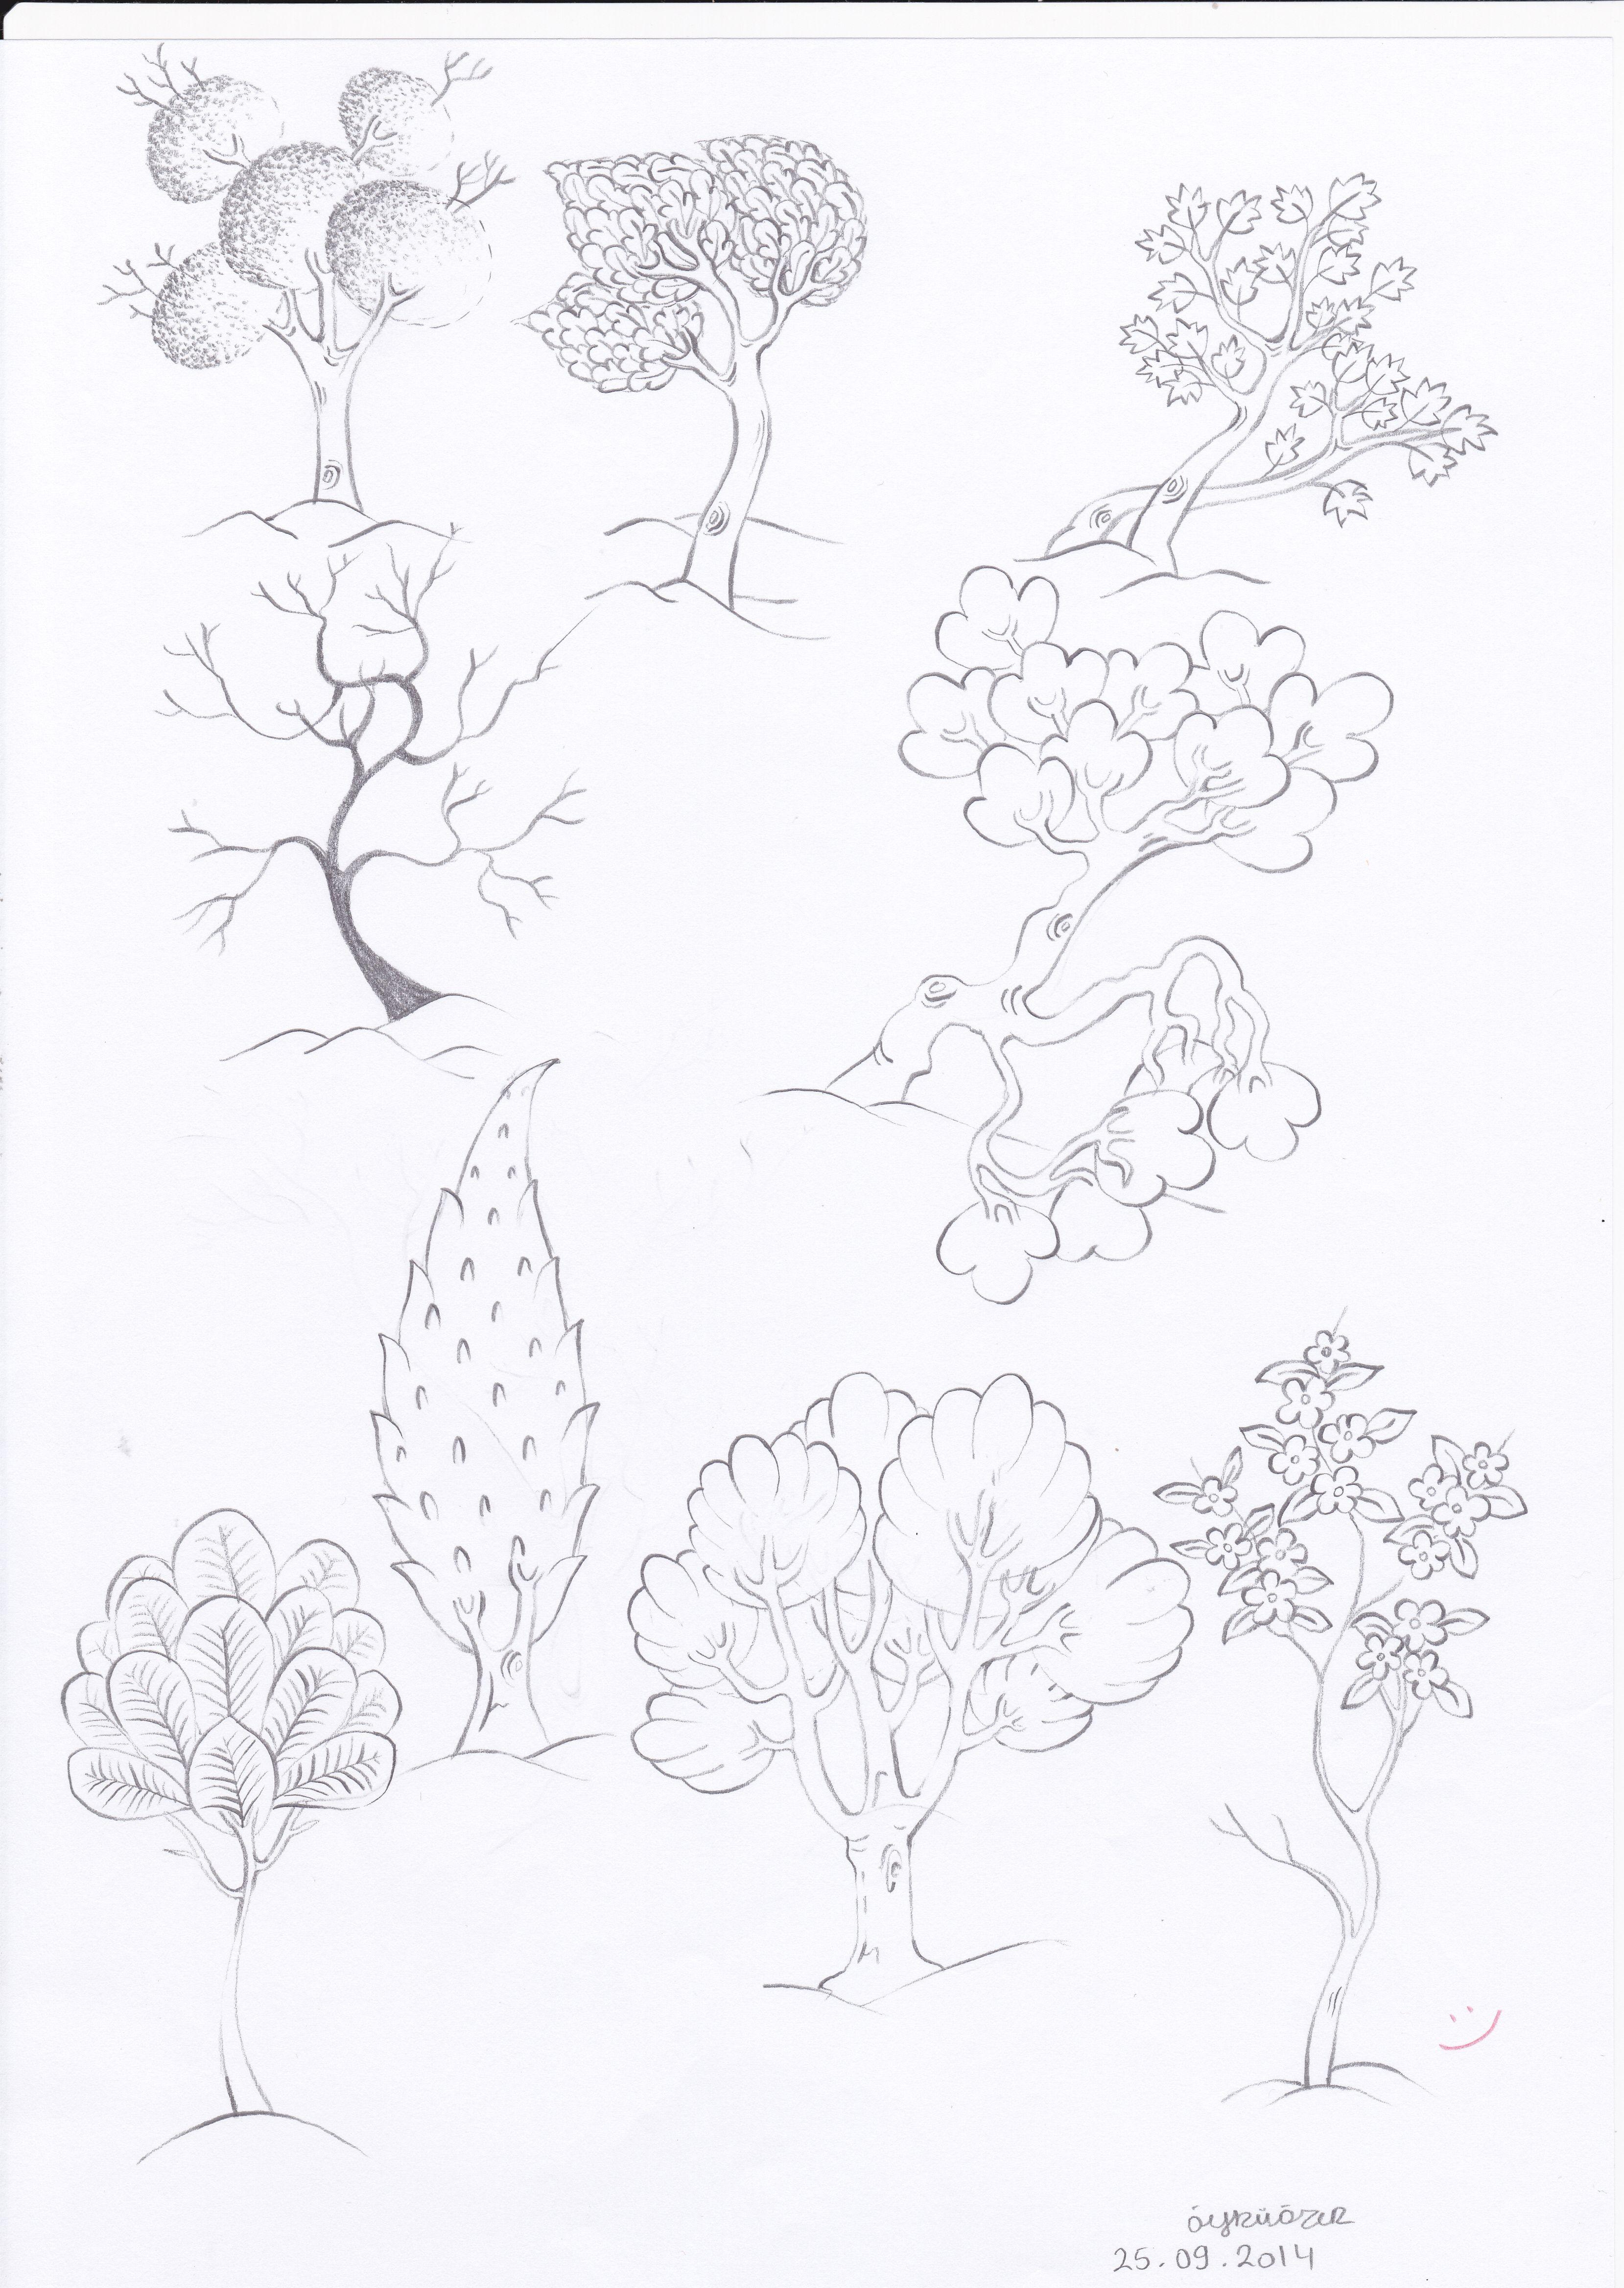 Trees 5 | Ellos | Pinterest | Hierba, Esquemas y Naturaleza